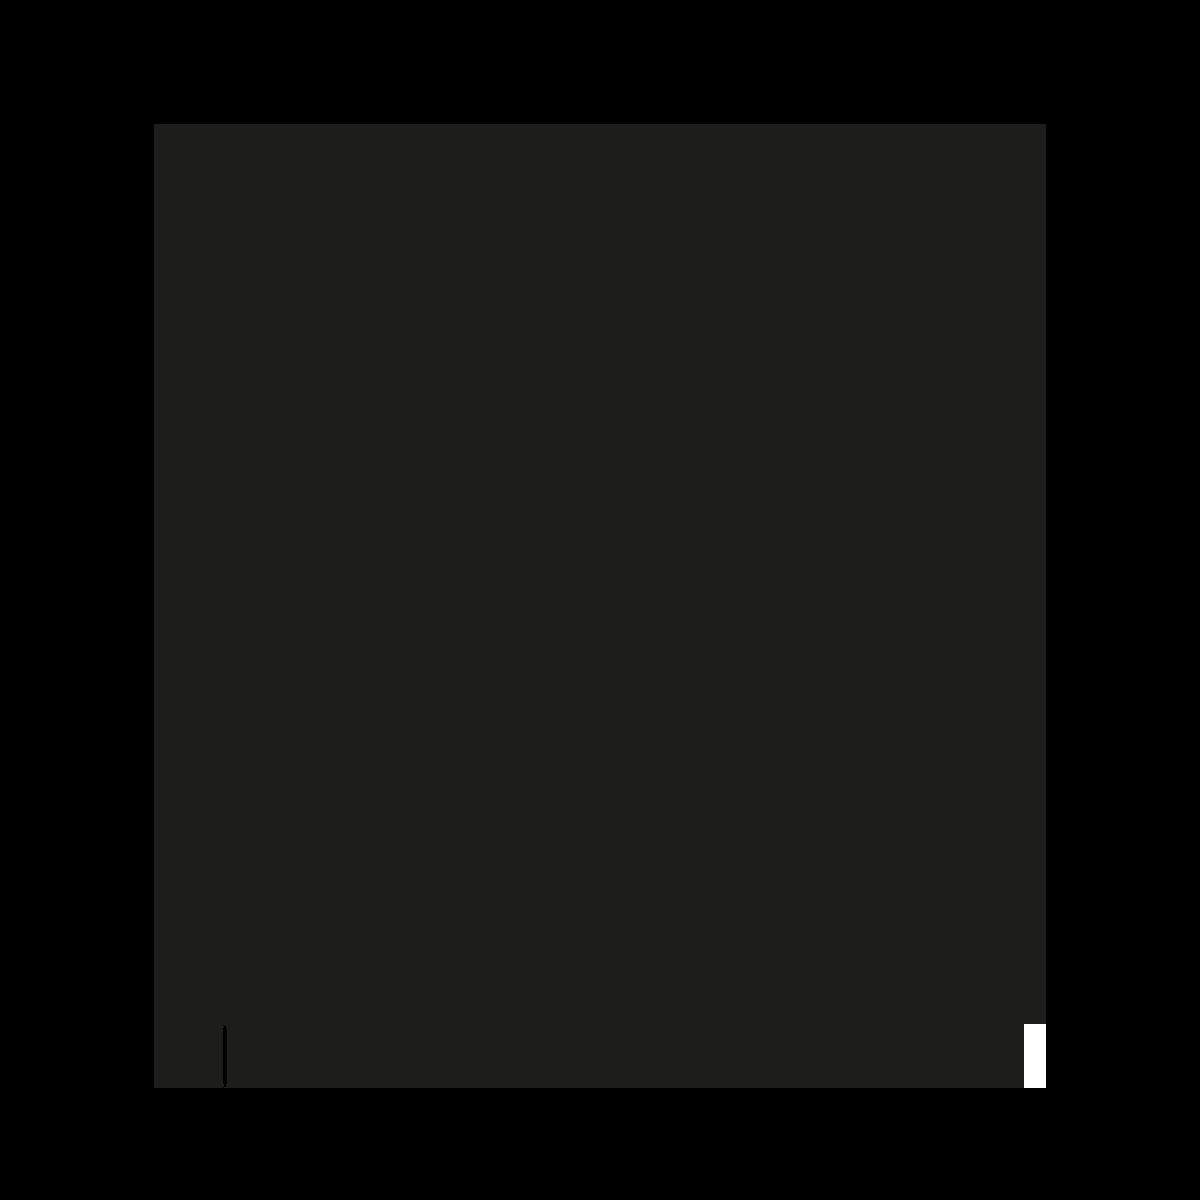 Unisep Olie-/benzinudskillere med flydelukke - integreret sandfang